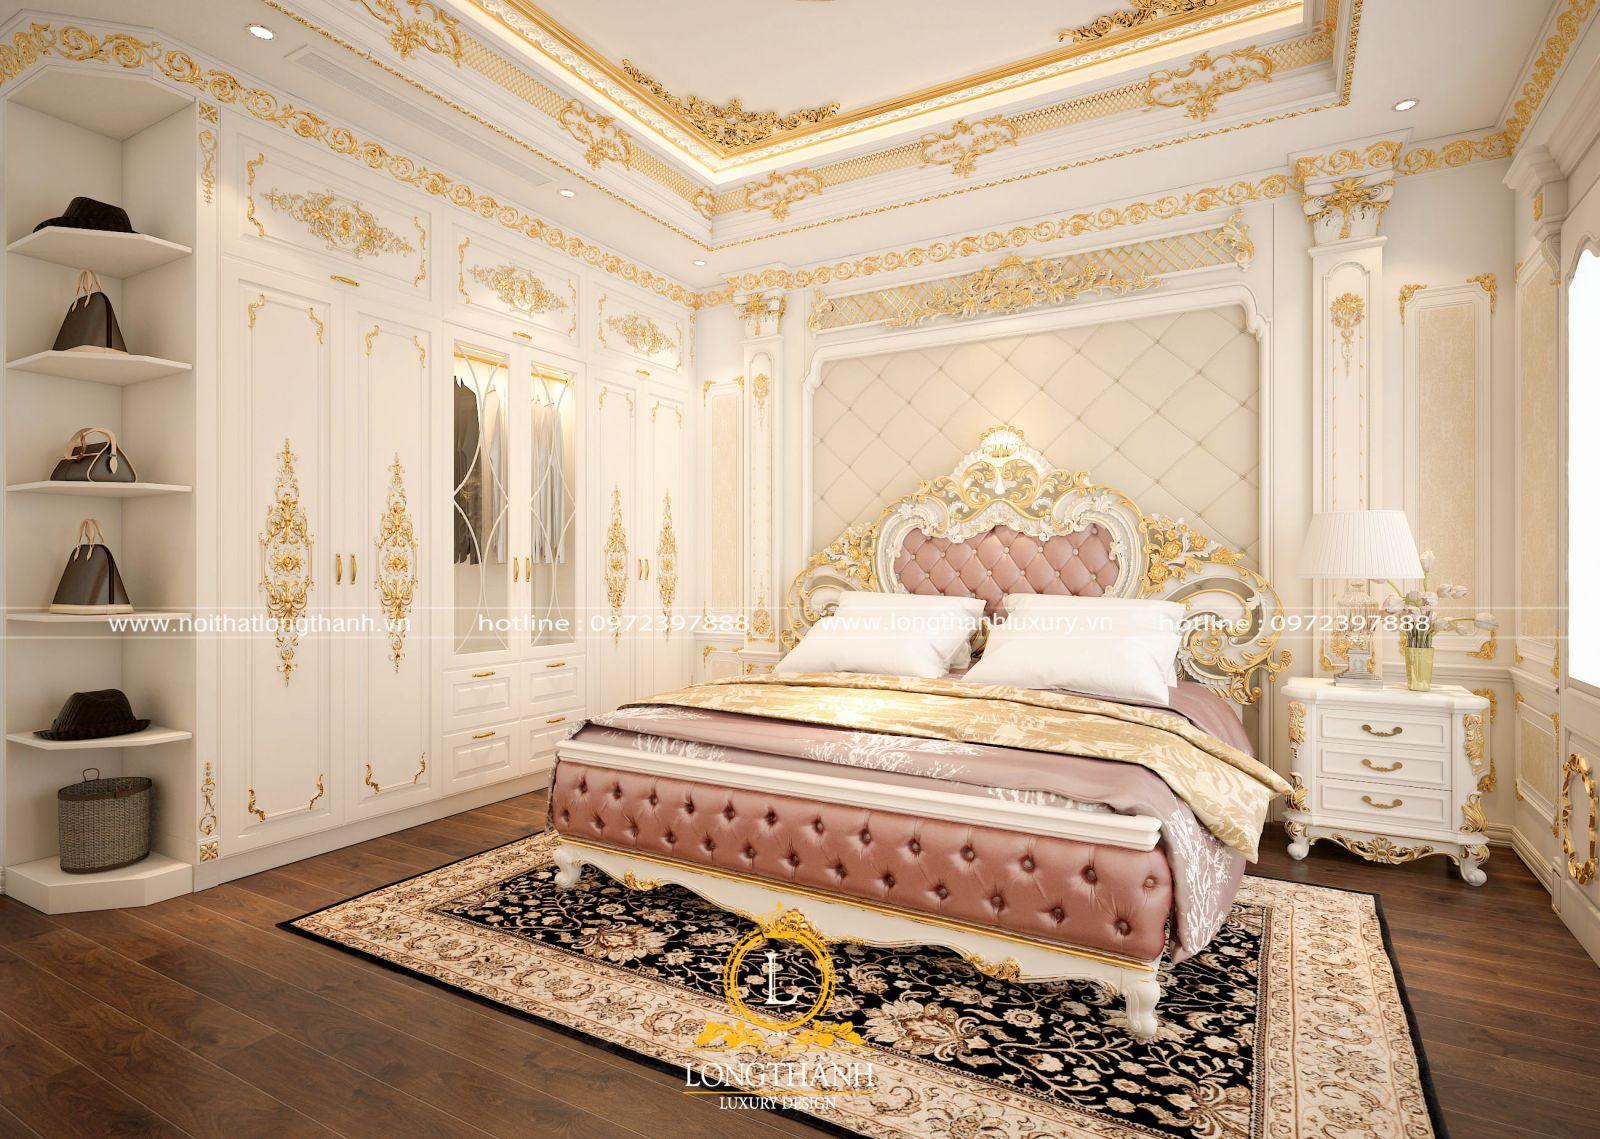 Không gian phòng ngủ đẳng cấp cho chủ nhân xứng tầm